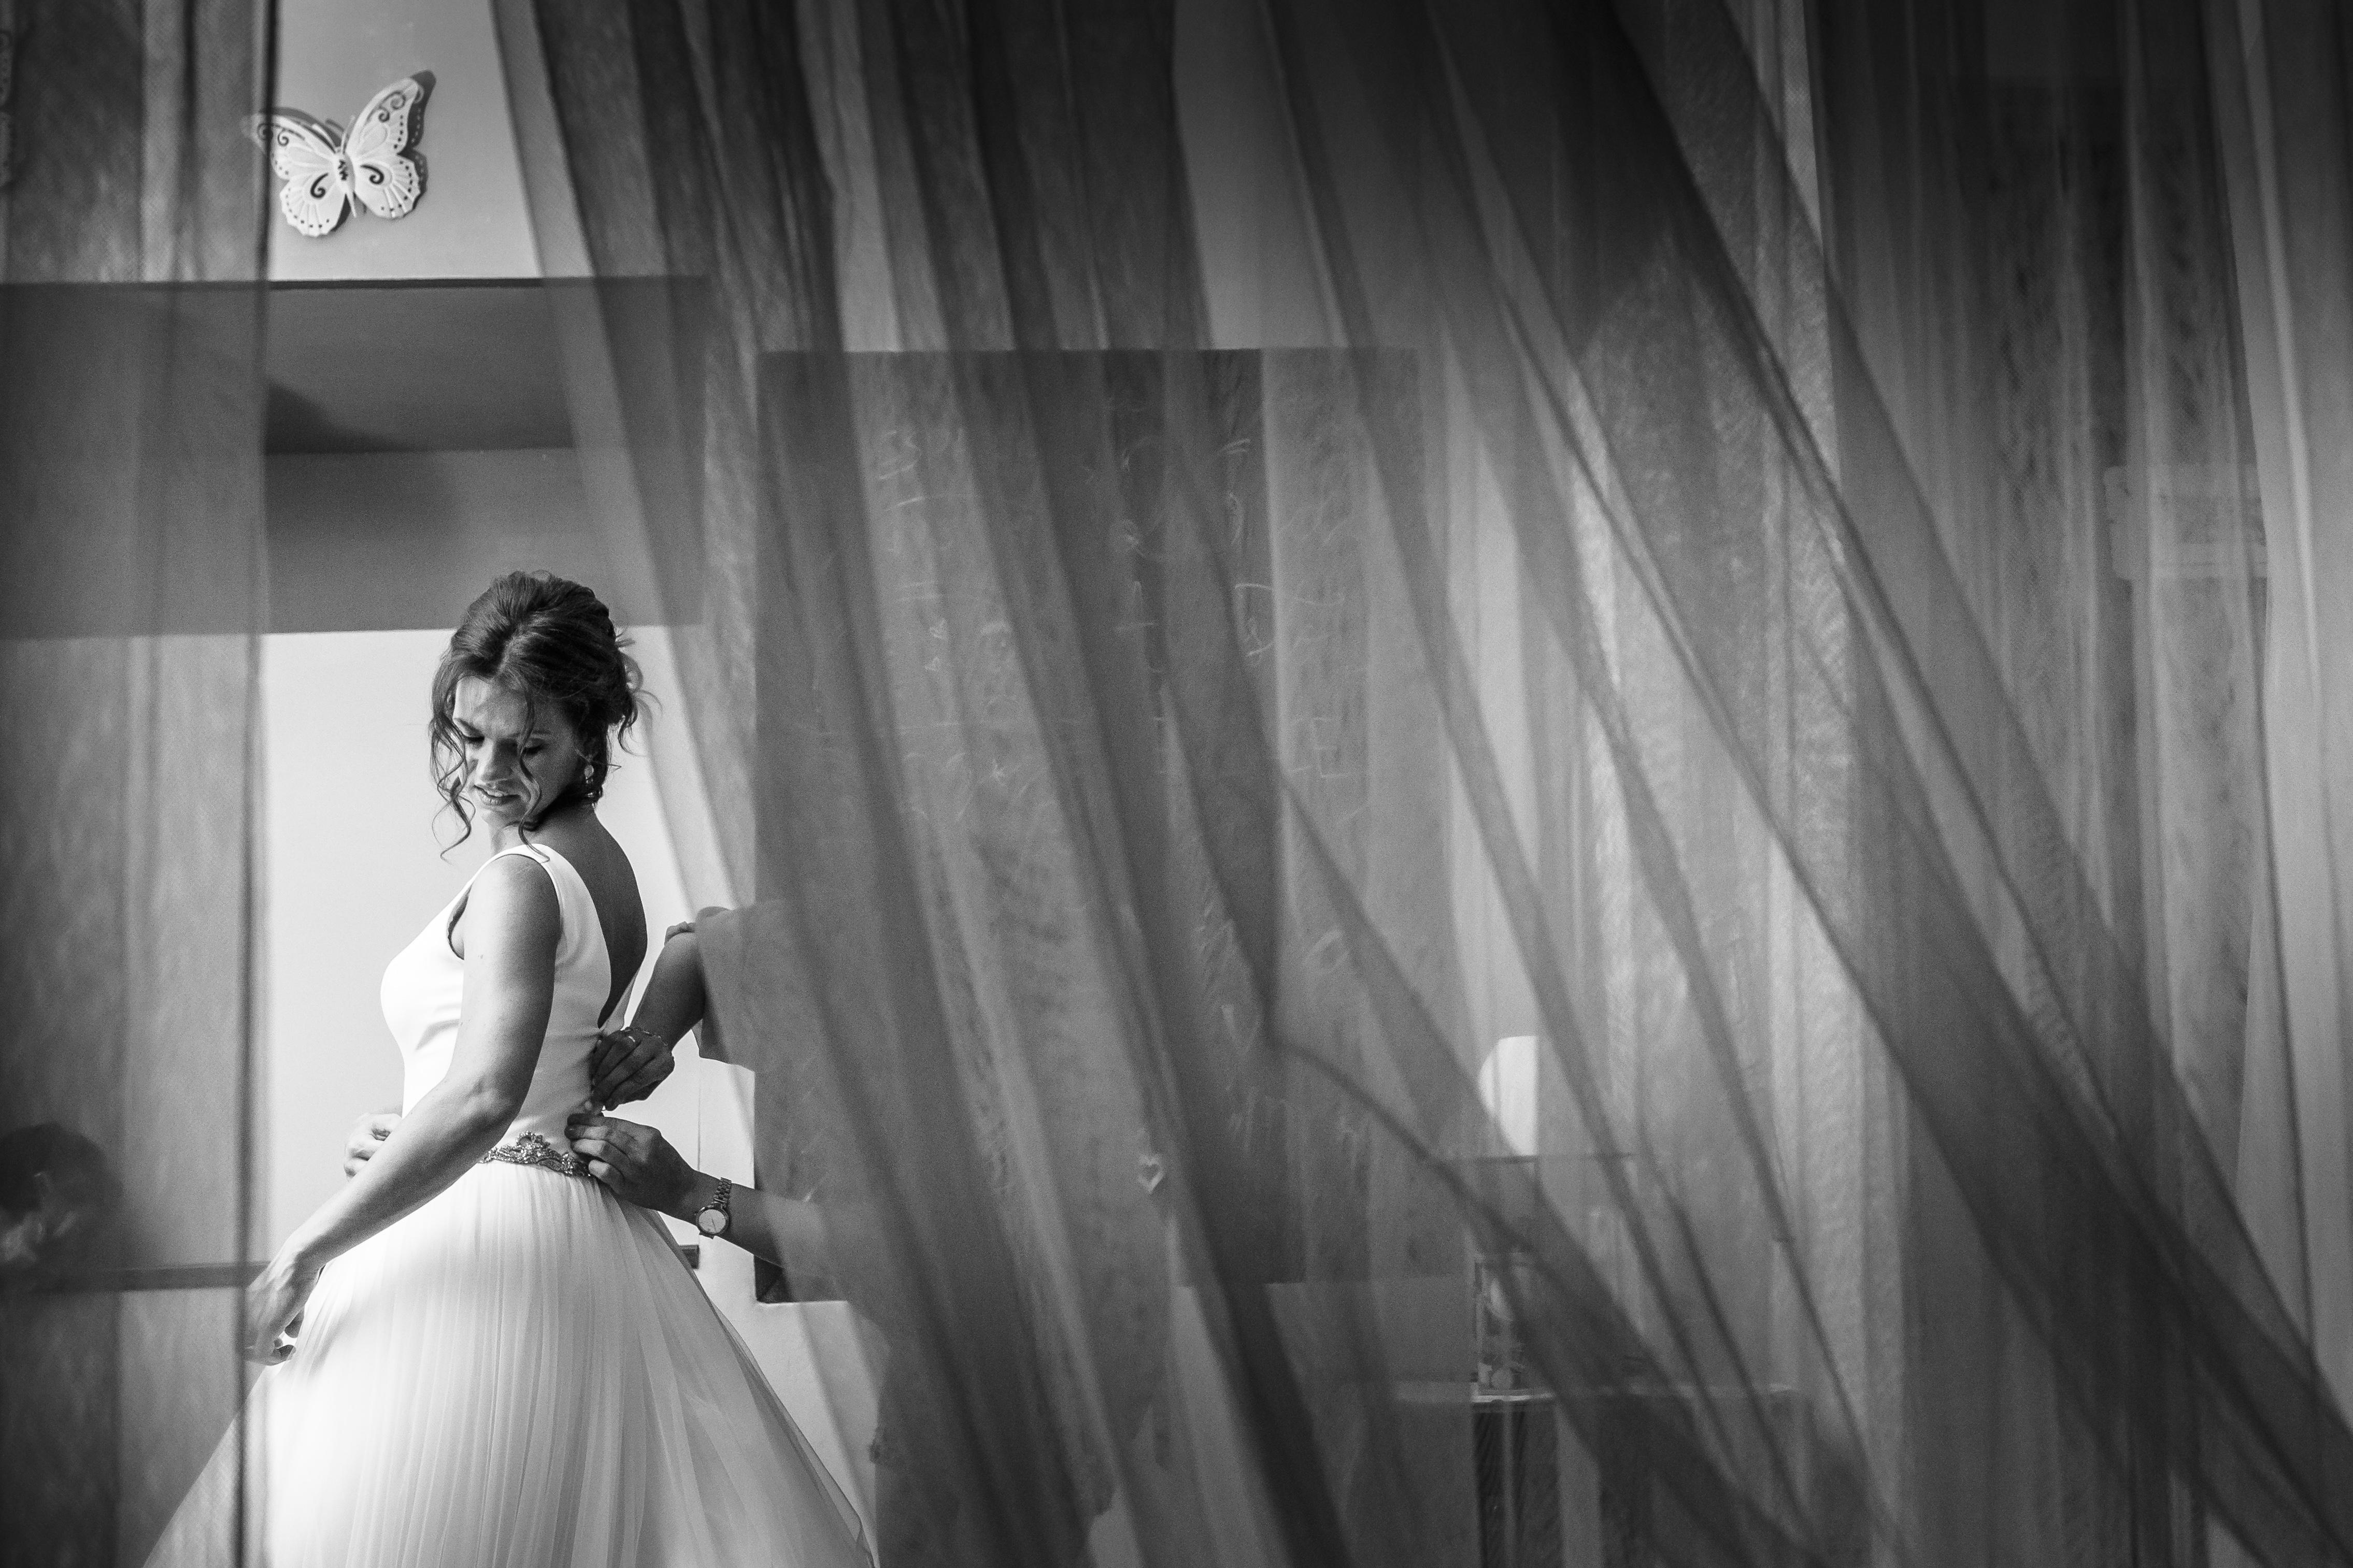 mandarina wedding, fotografos de boda, fotoperiodismo de boda, mejores fotografos de boda, bodas soria, bodas pirineo, bodas Madrid, fotógrafo daroca_26